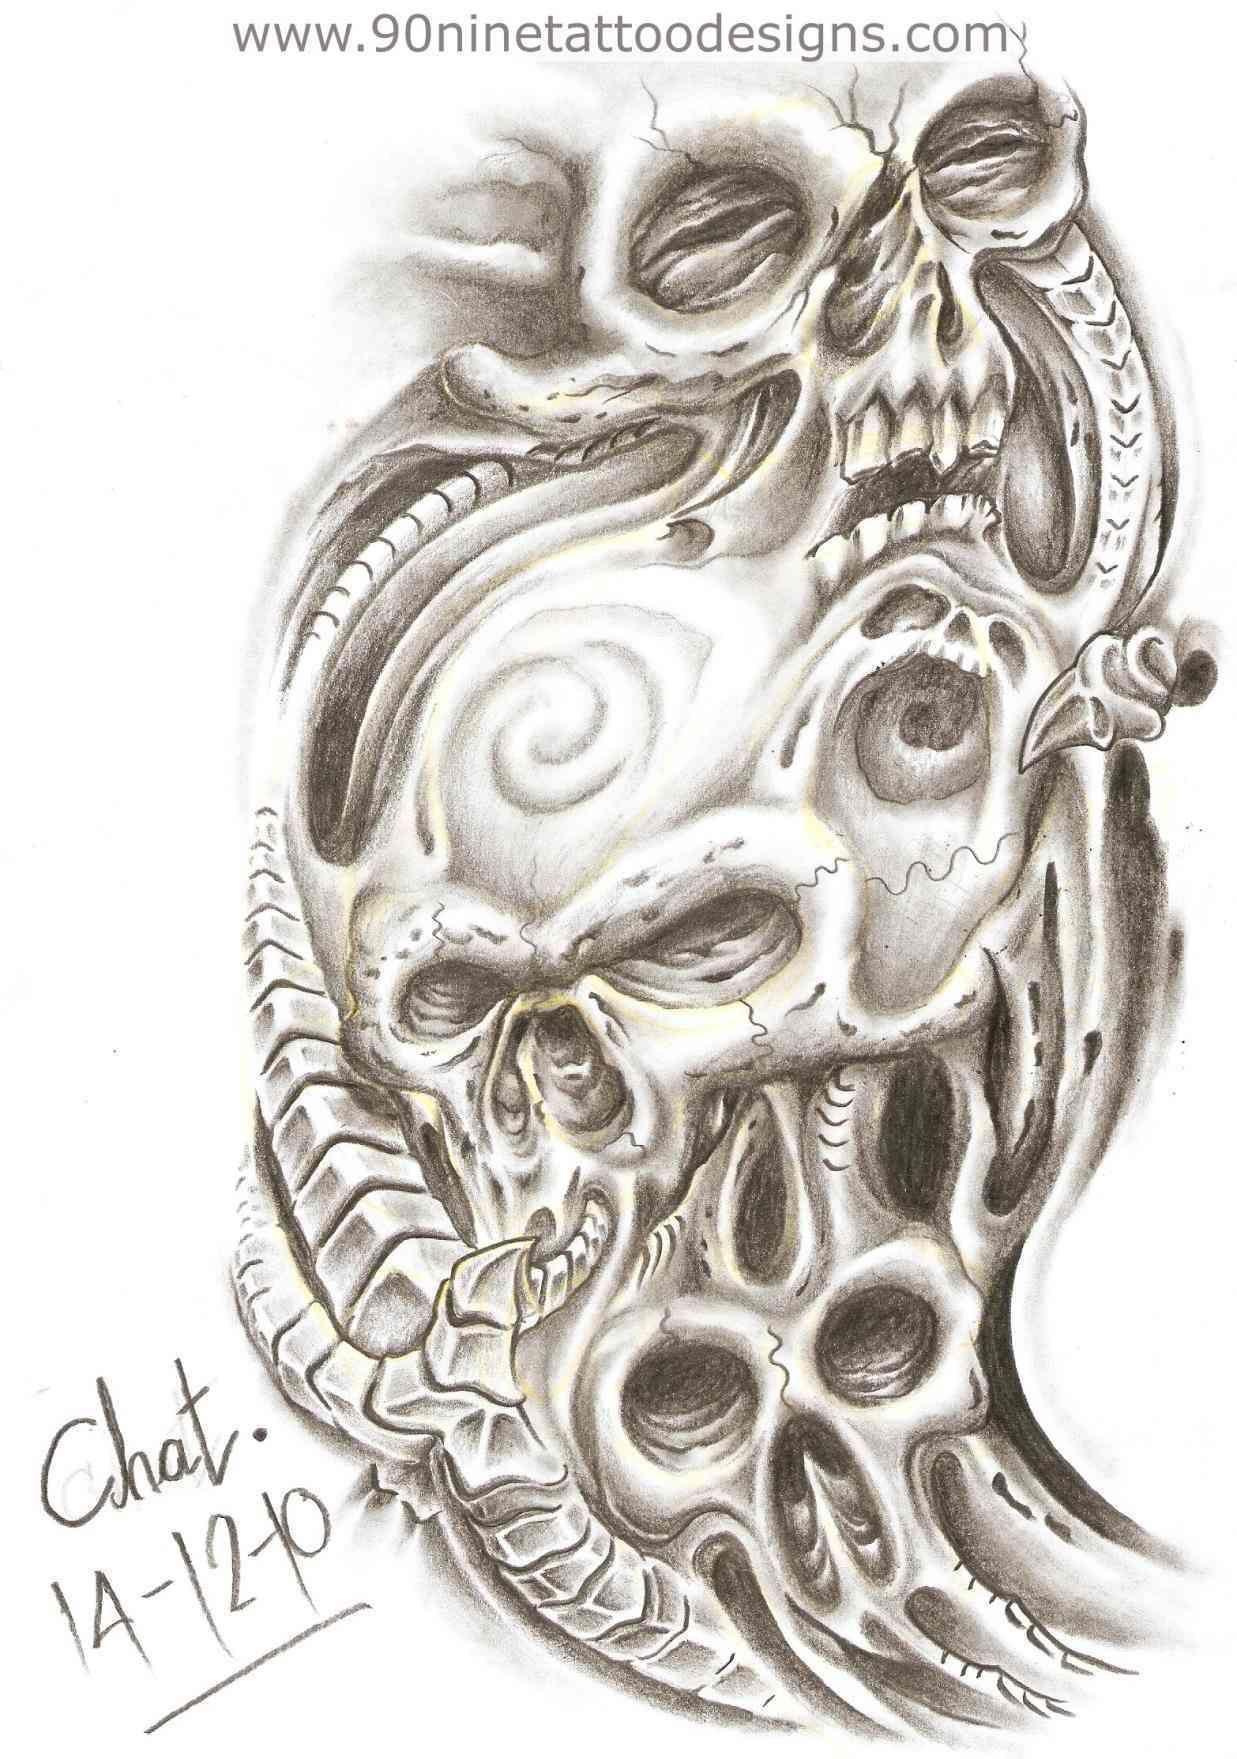 Mayamoka Com Tattoo Design Drawings Skull Sleeve Tattoos Tattoo Designs